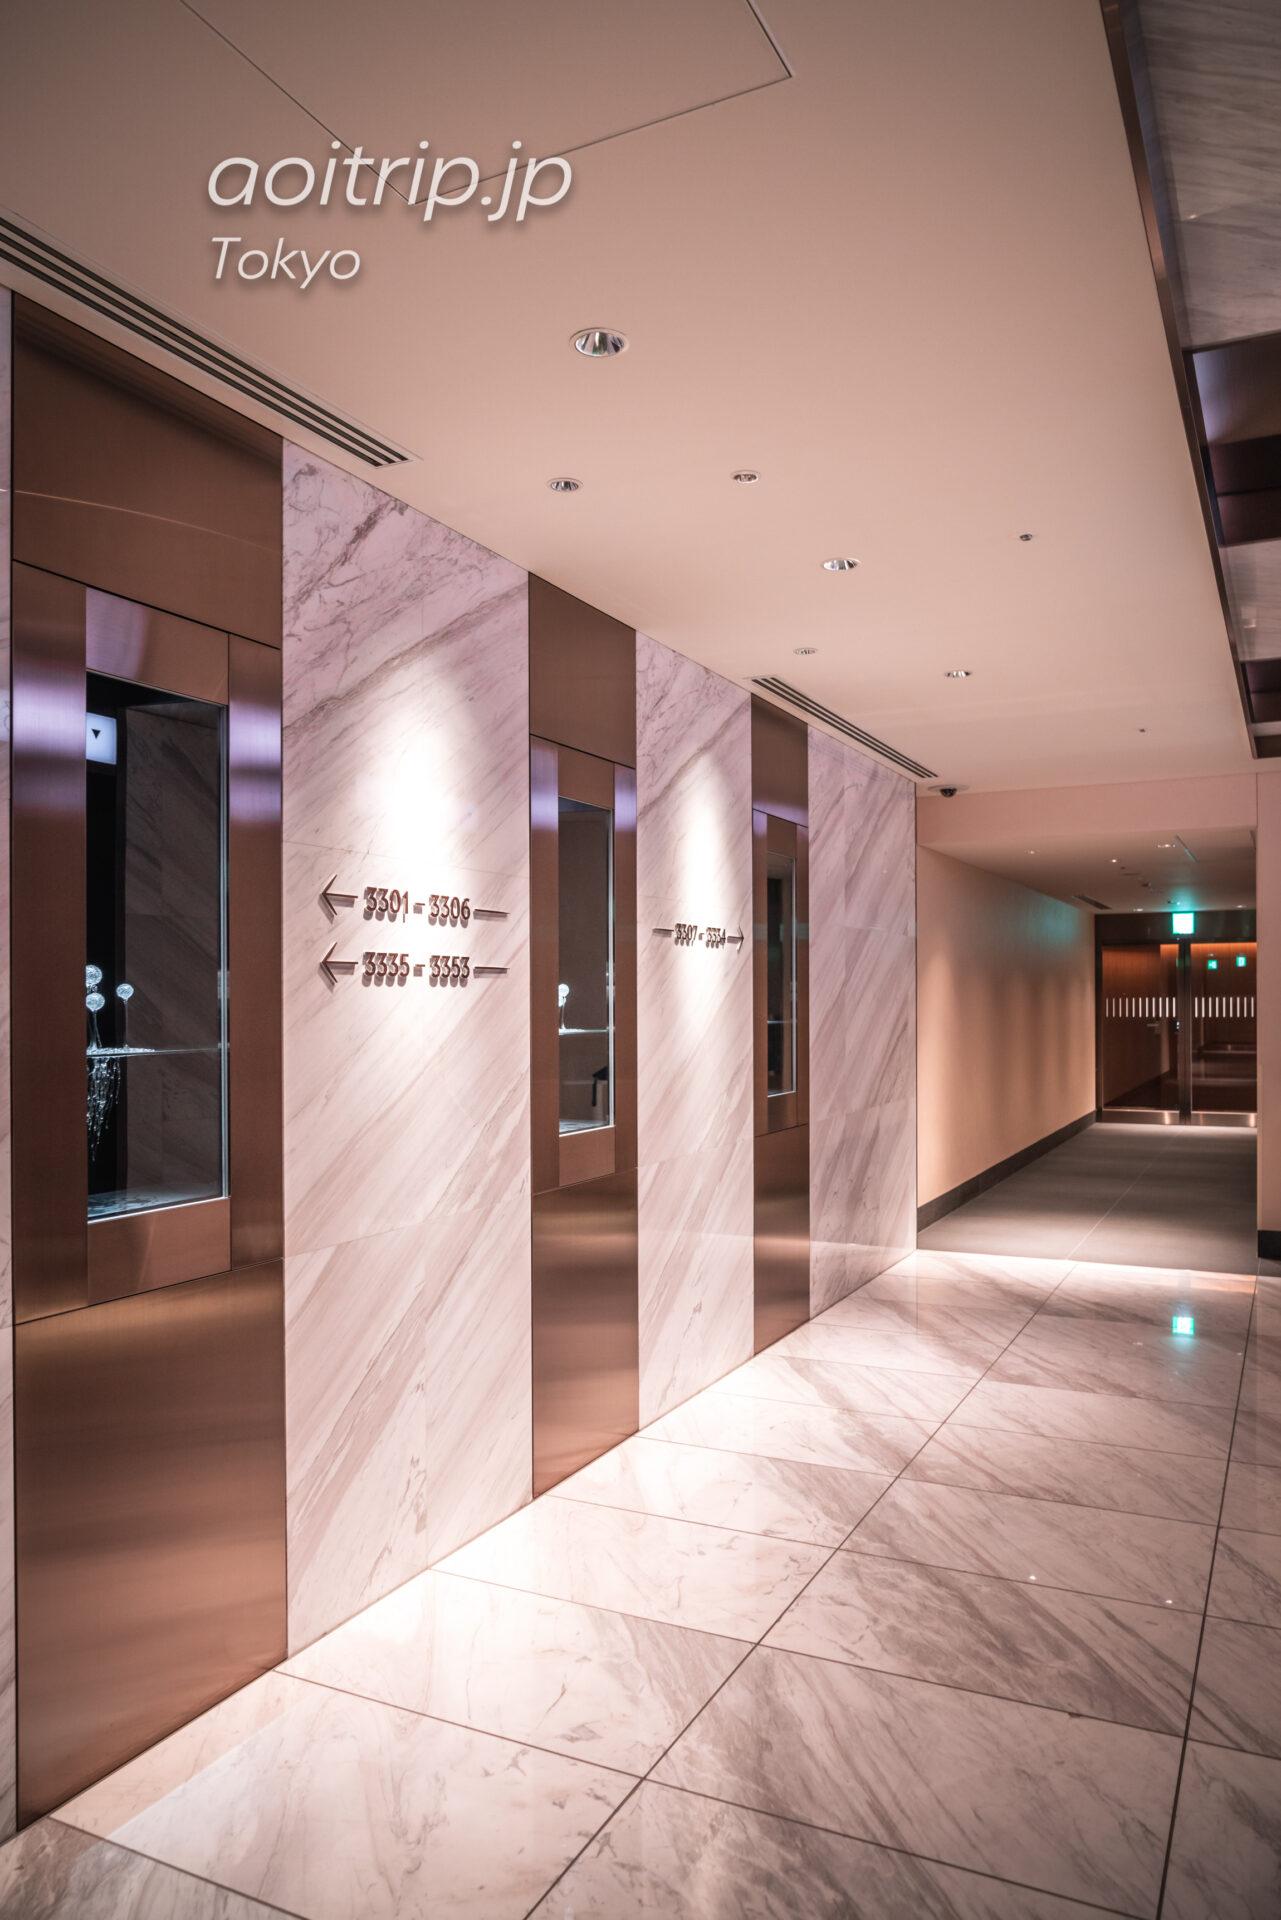 ザ プリンスギャラリー 東京紀尾井町のエレベーターホール